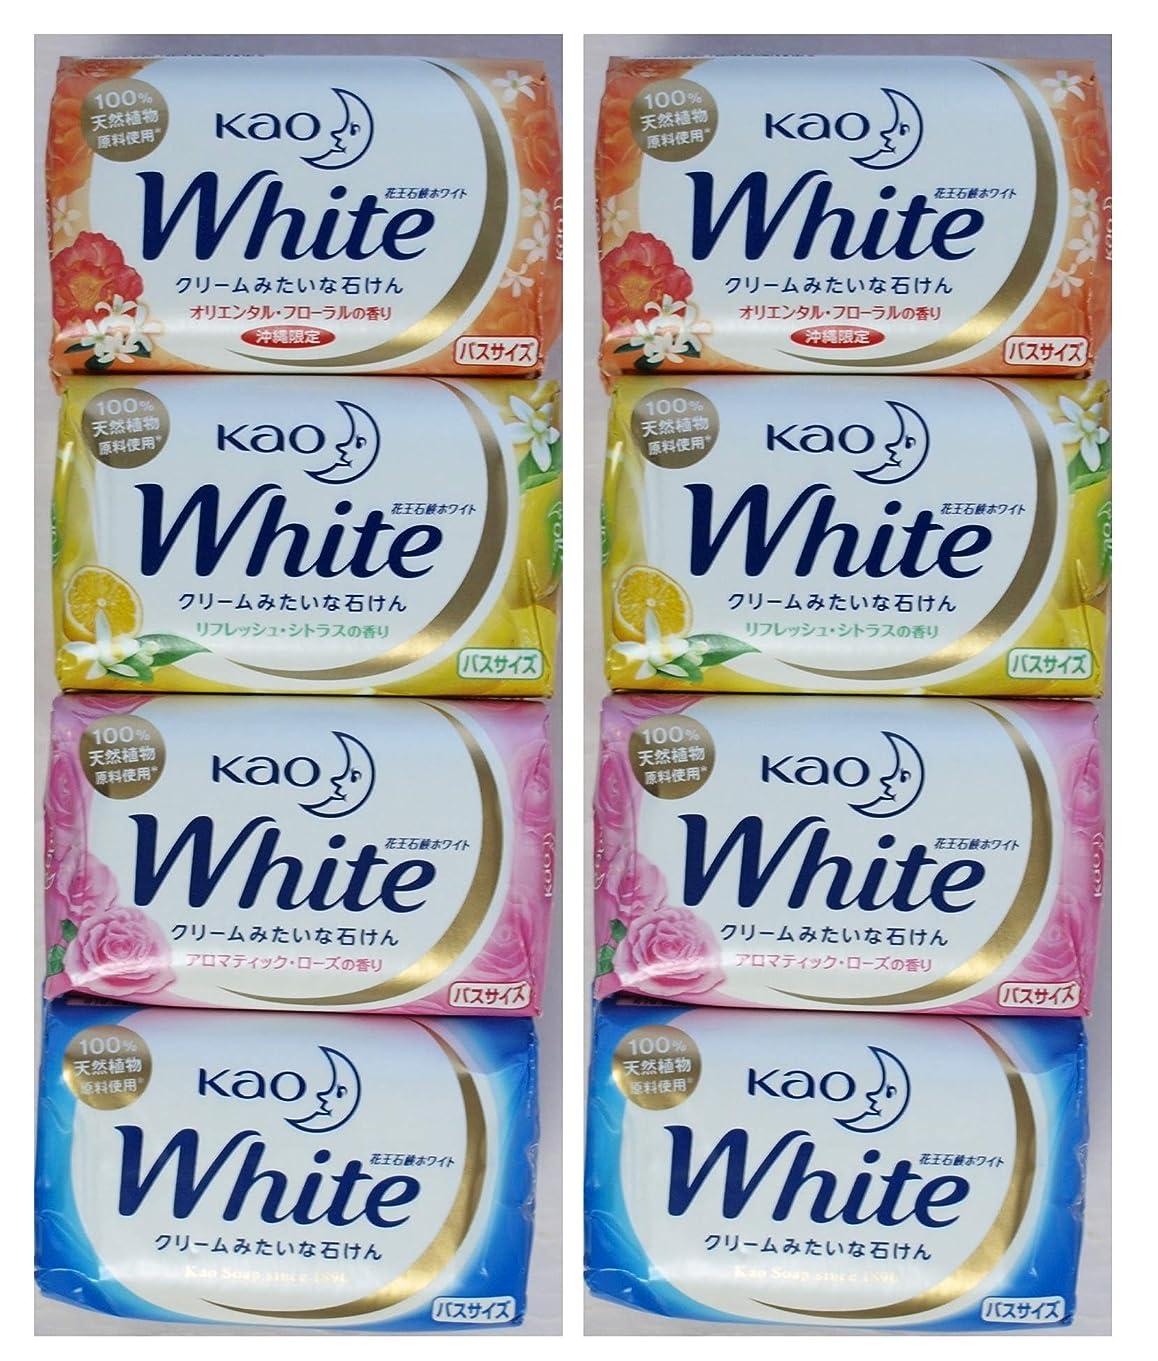 スモッグトリプル効果的に561988-8P 花王 Kao 石けんホワイト 4つの香り(オリエンタルフローラル/ホワイトフローラル/アロマティックローズ/リフレッシュシトラスの4種) 130g×4種×2set 計8個